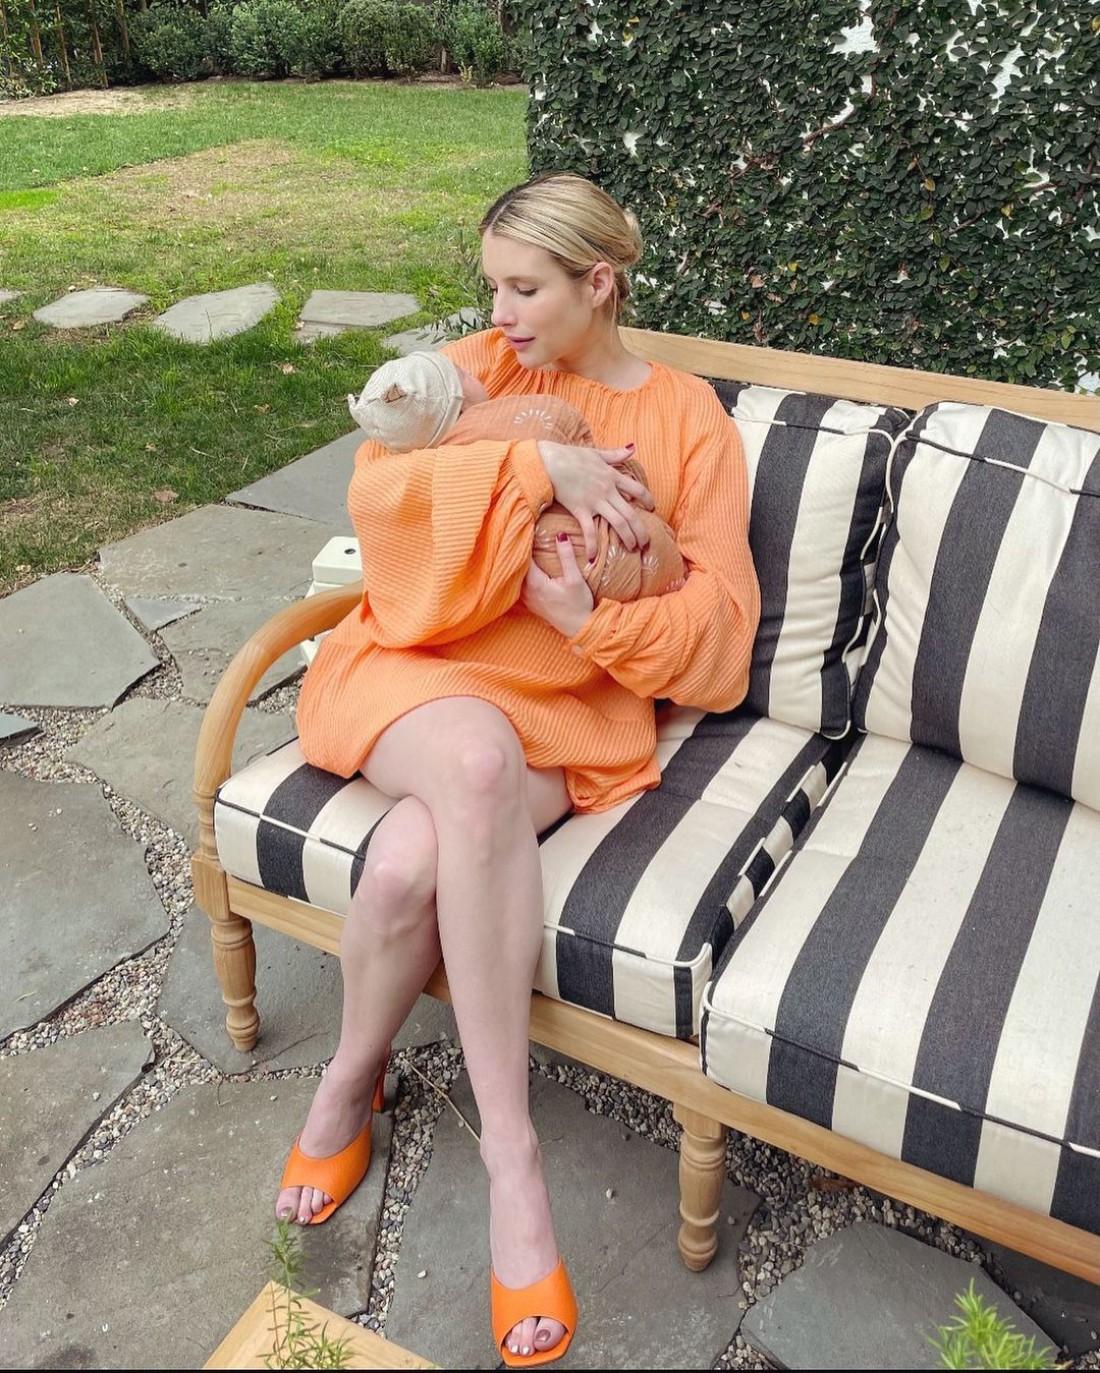 Эмма Робертс показала первое фото с новорожденным сыном